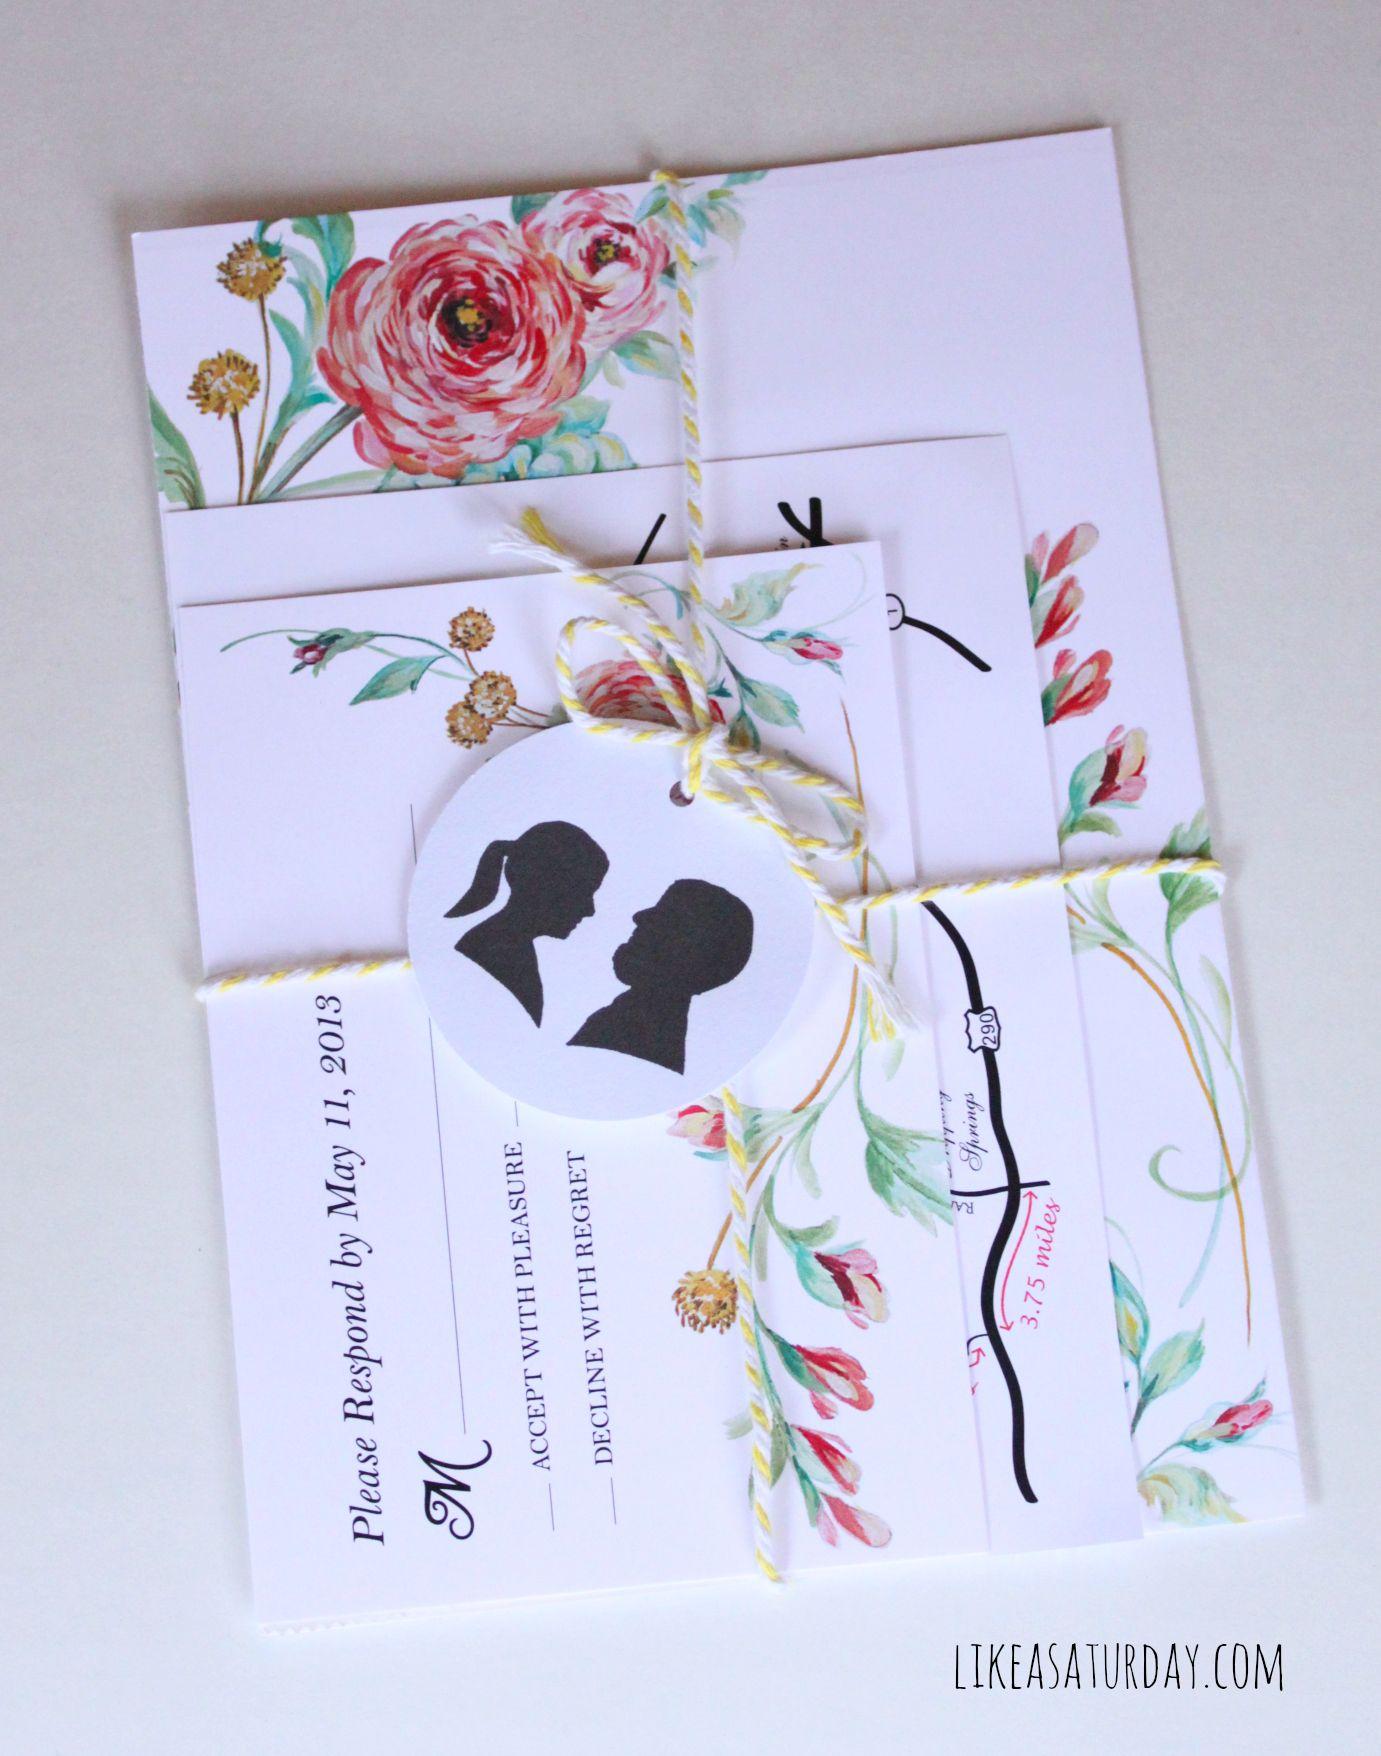 Hand Painted Fl Wedding Invitations Like A Saay